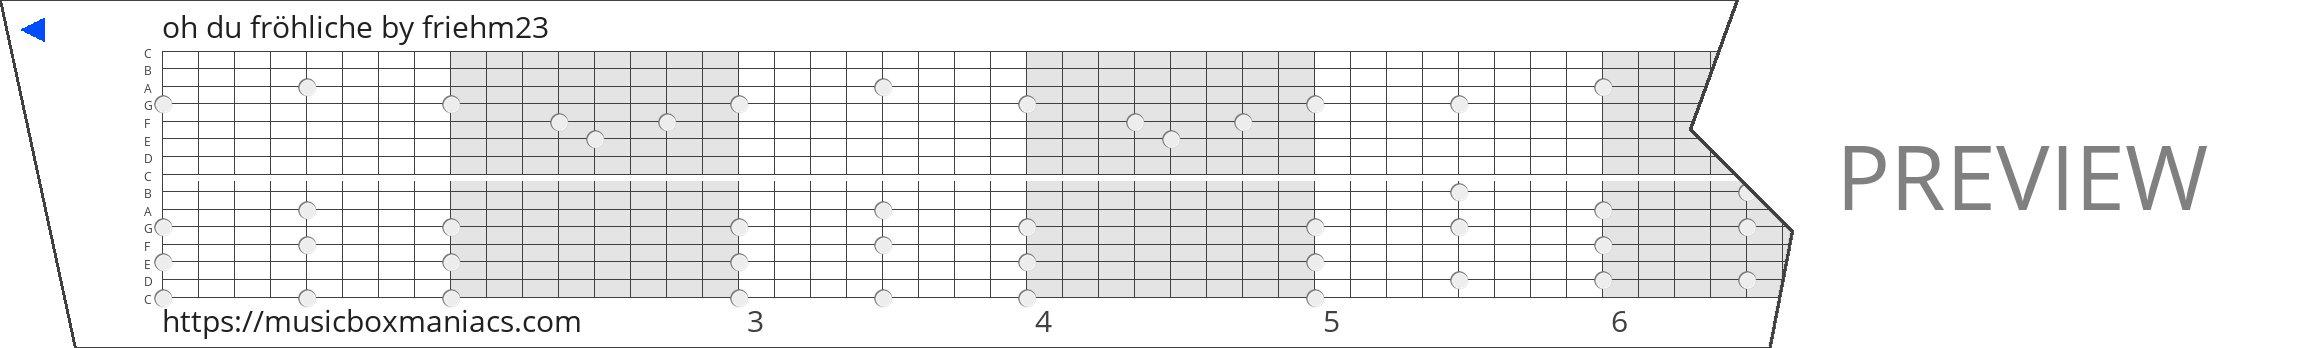 oh du fröhliche 15 note music box paper strip